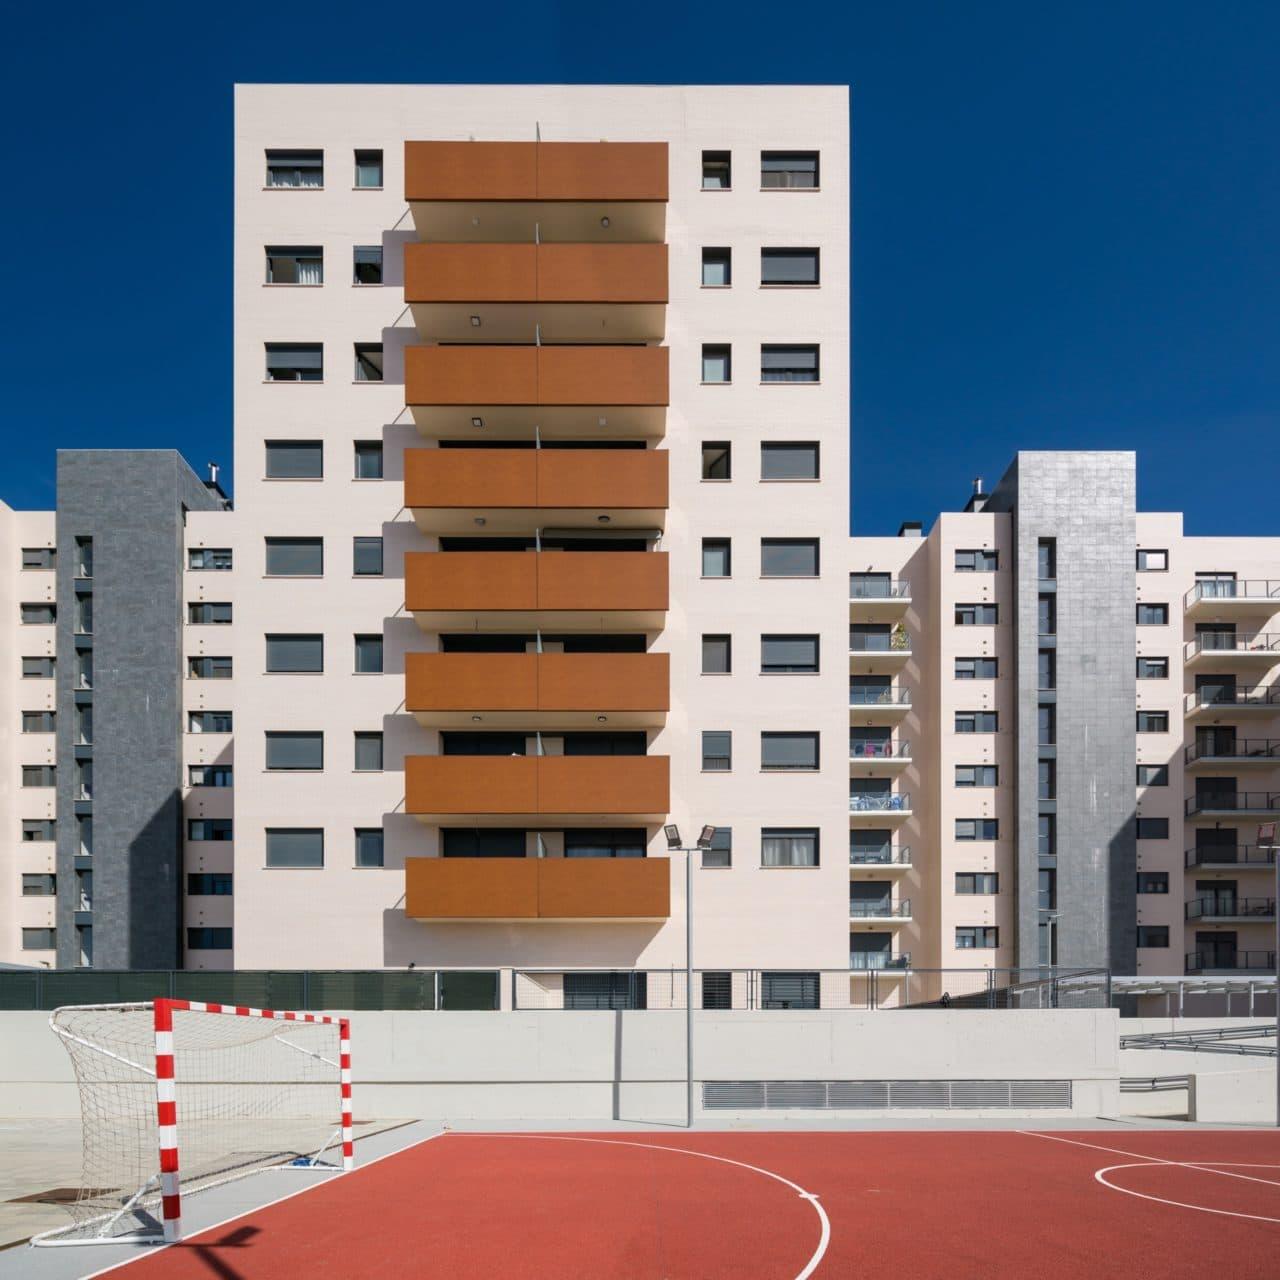 Detalle de la facha desde los espacios interiores de la urbanización